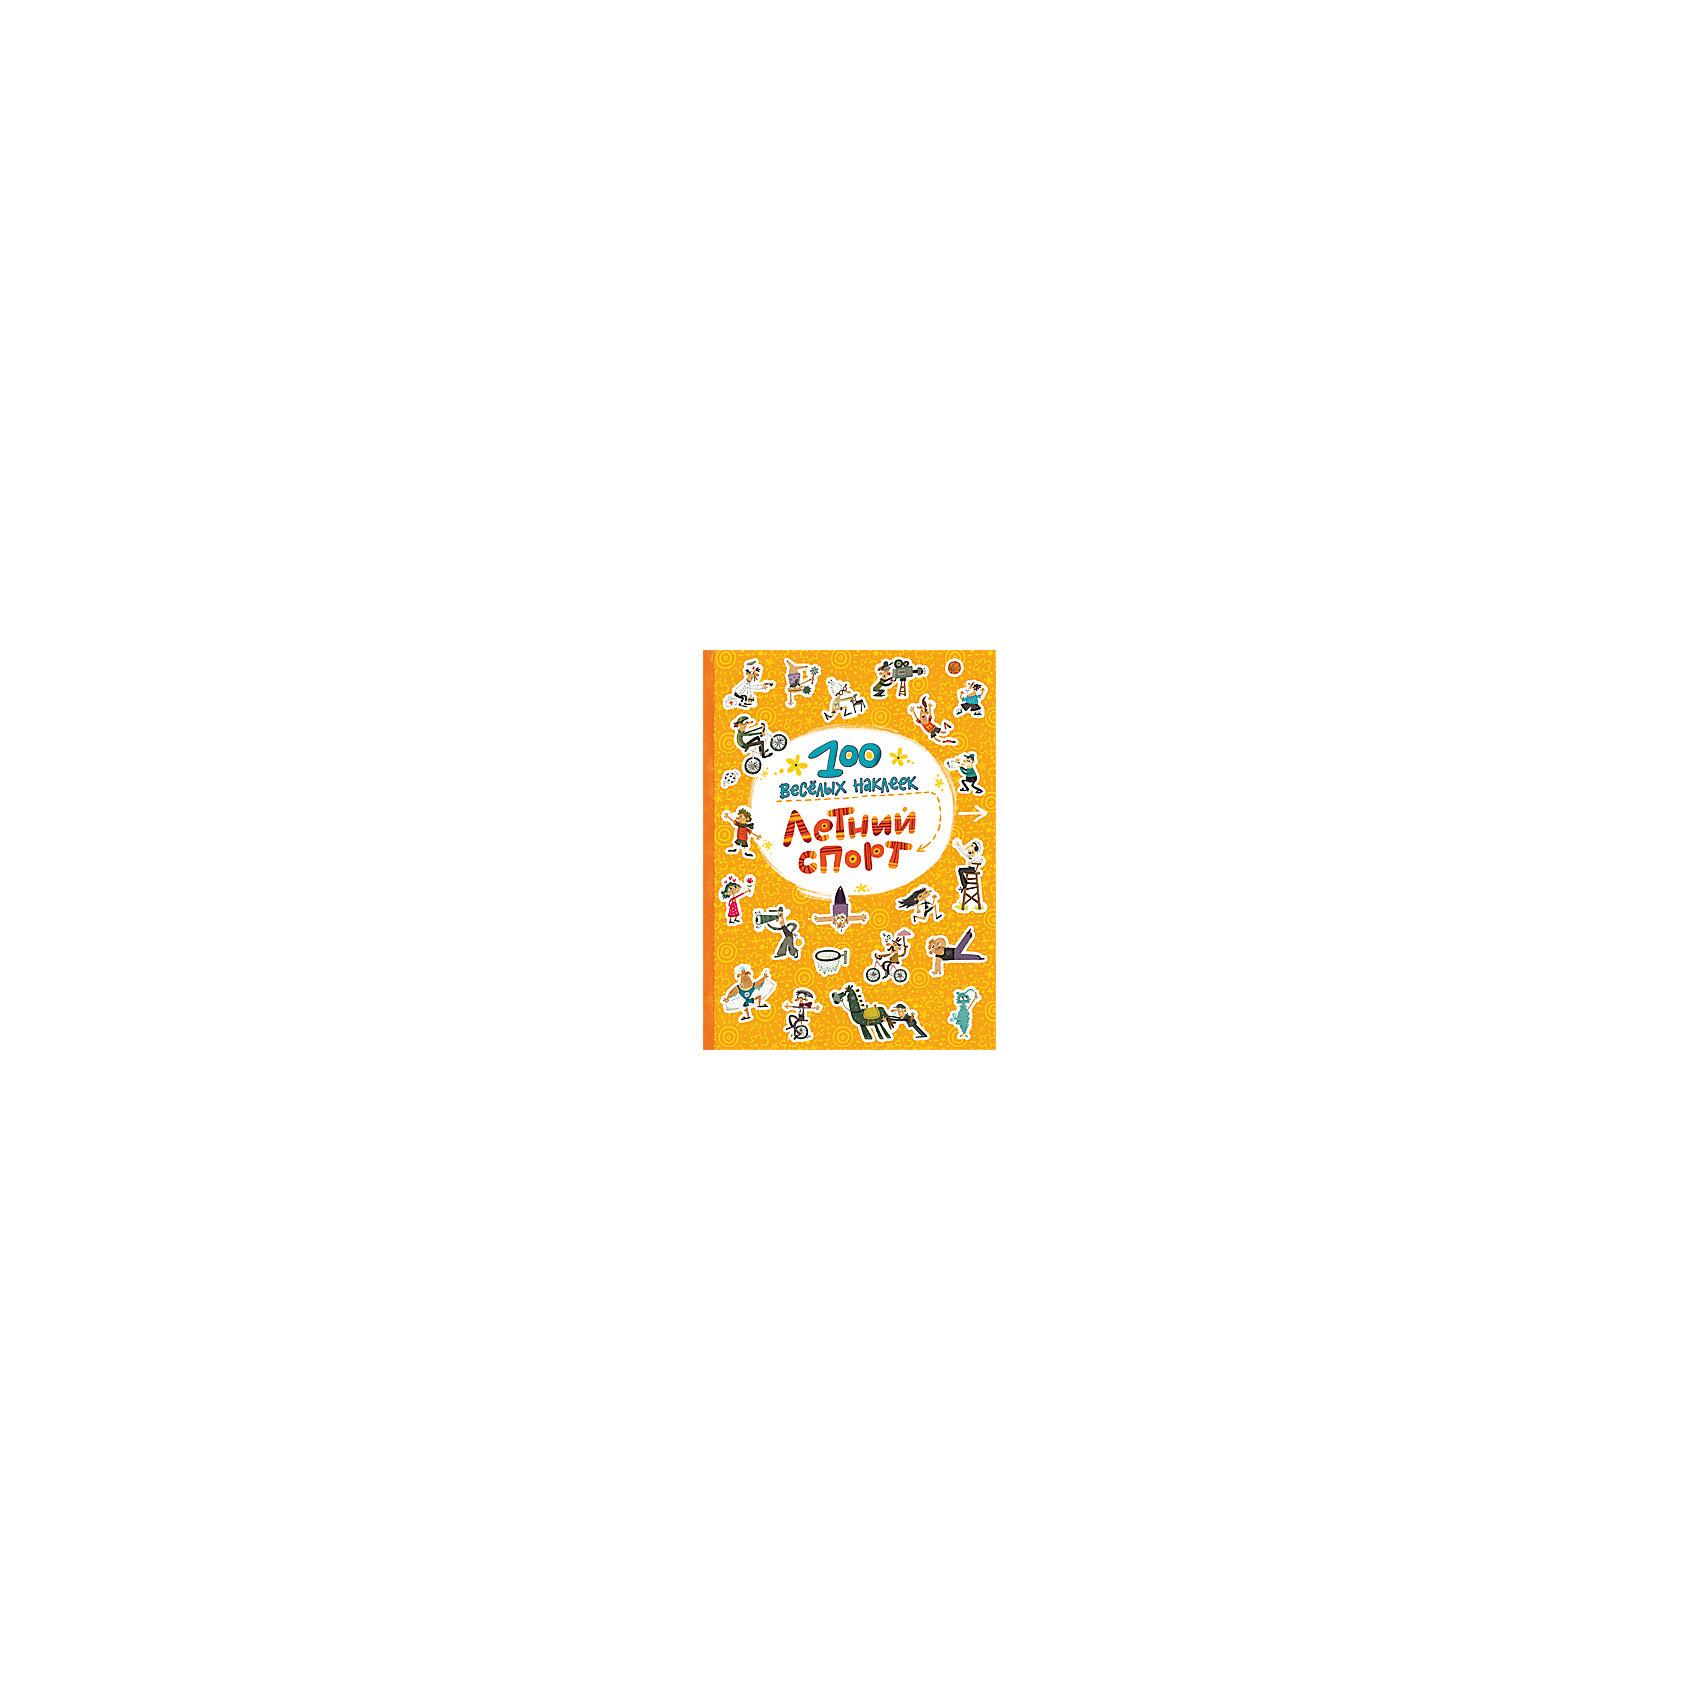 Книга «Летний спорт» из серии «100 веселых наклеек», Мозаика-СинтезТворчество для малышей<br>Книга «Летний спорт» из серии «100 веселых наклеек», Мозаика-Синтез.<br><br>Характеристики:<br><br>• Издательство: МОЗАИКА-СИНТЕЗ<br>• ISBN: 978-5-43150-912-4<br>• Тип: книга с многоразовыми наклейками.<br>• Раздел знаний: ознакомление с окружающим миром.<br>• Возраст: 5-7лет.<br>• Размер книги: 325х235 мм.<br>• Количество страниц: 16.<br><br>Замечательная красочная книга «Летний спорт» из серии «100 веселых наклеек» познакомит Вашего ребенка с летними олимпийскими видами спорта. На страницах книги, изображающих теннисный корт, футбольное поле, бассейн, велосипедную трассу, баскетбольную площадку и др., нужно расположить 100 веселых многоразовых наклеек – теннисистов, гимнастов, велосипедистов, футболистов, пловцов и многих других спортсменов.<br><br>Забавные стихи расскажут маленькому читателю о каждом виде спорта, а яркие многоразовые наклейки превратят процесс обучения в веселую игру. Занятия с наклейками способствуют расширению кругозора, развитию мелкой моторики, координации движений, фантазии и воображения.<br><br>Книгу «Летний спорт» из серии «100 веселых наклеек», Мозаика-Синтез, можно купить в нашем интернет – магазине<br><br>Ширина мм: 2<br>Глубина мм: 235<br>Высота мм: 325<br>Вес г: 173<br>Возраст от месяцев: 60<br>Возраст до месяцев: 84<br>Пол: Унисекс<br>Возраст: Детский<br>SKU: 5428891